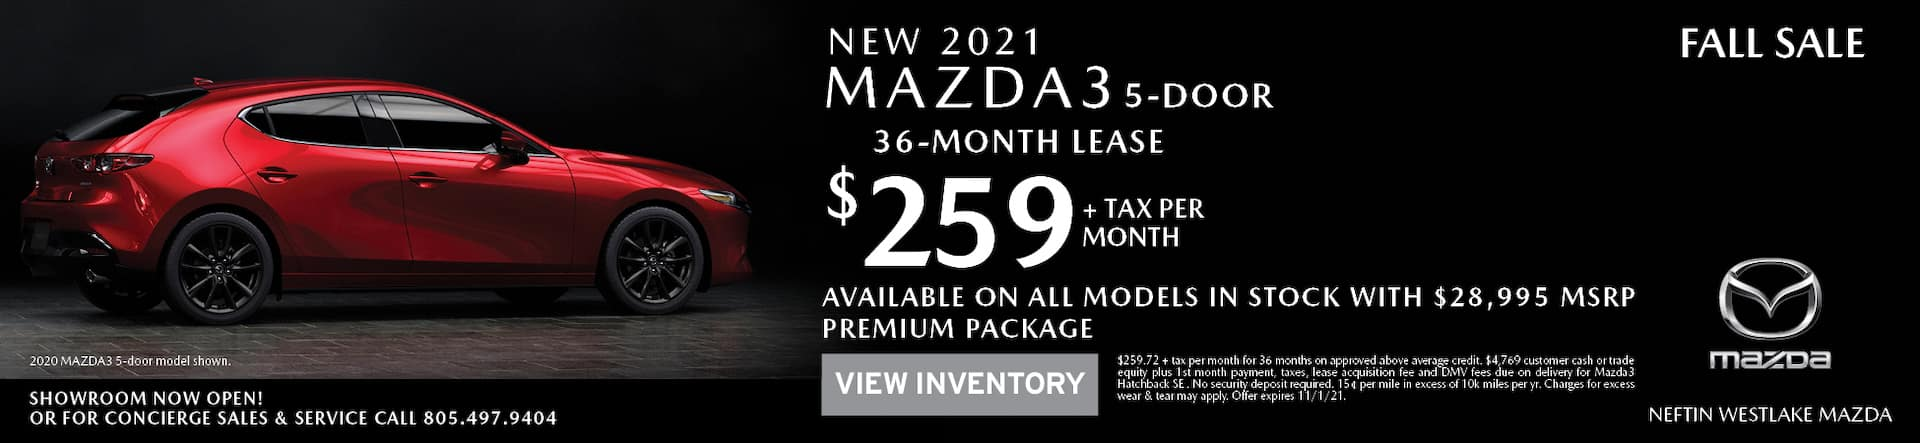 Neftin Westlake Mazda October 2021 Mazda3 Hatchback Lease Offer